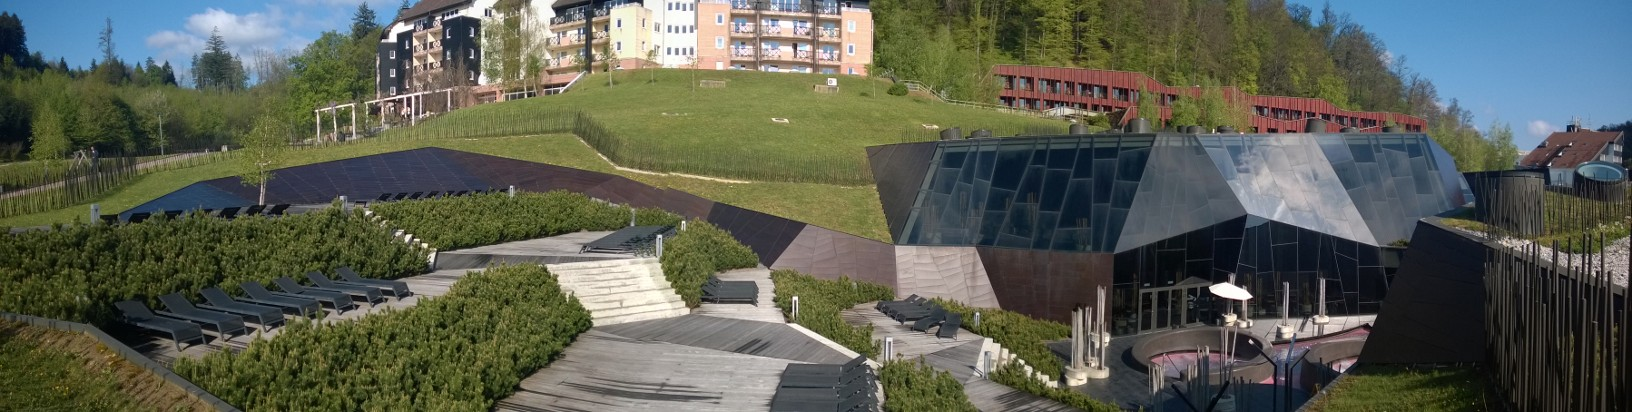 Spa-komplekset Terma Olivia hvor alle deltakerne bodde.